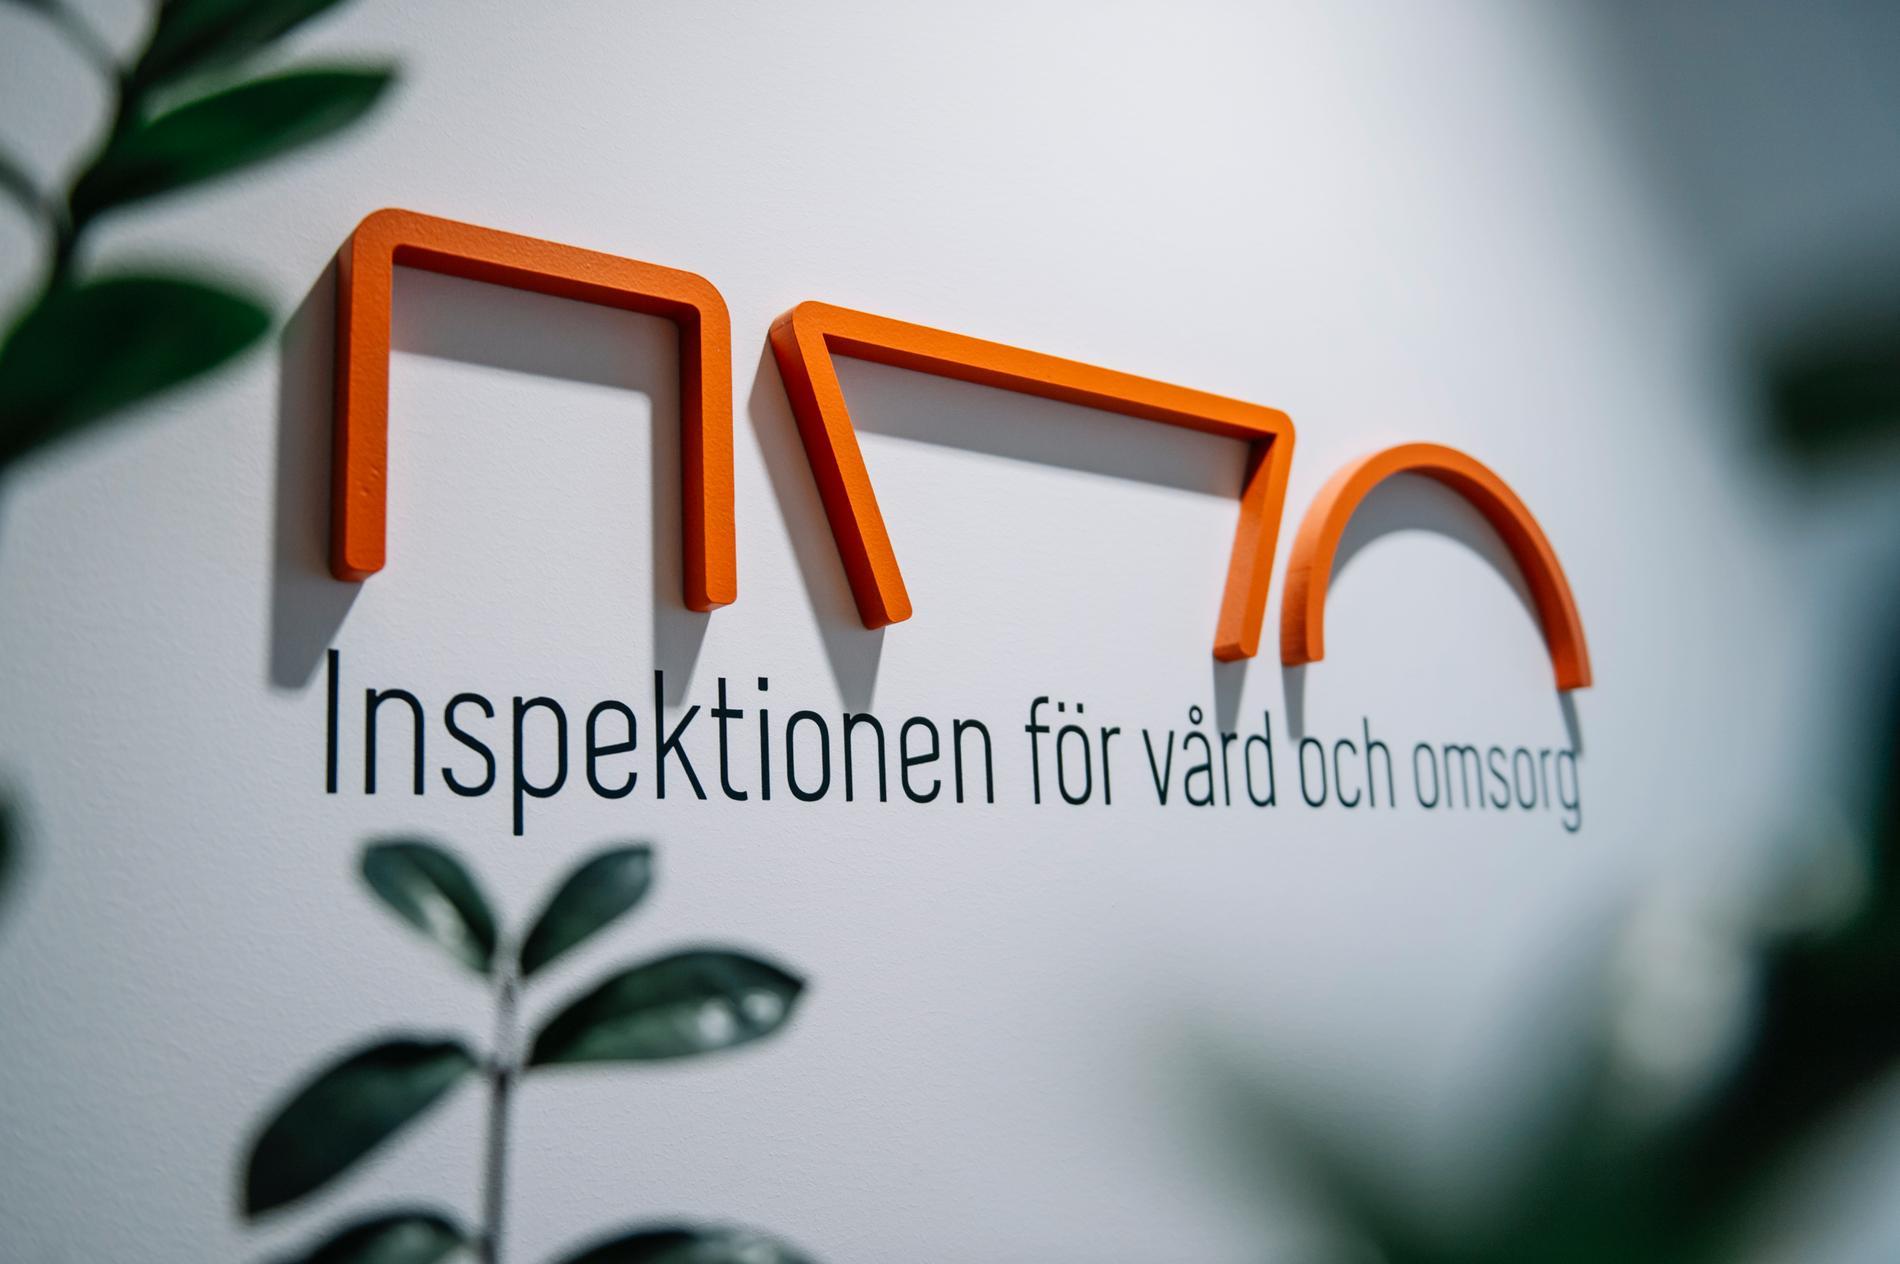 En läkare i Skåne har tagits ur tjänst och anmälts till Inspektionen för vård och omsorg (Ivo). Arkivbild